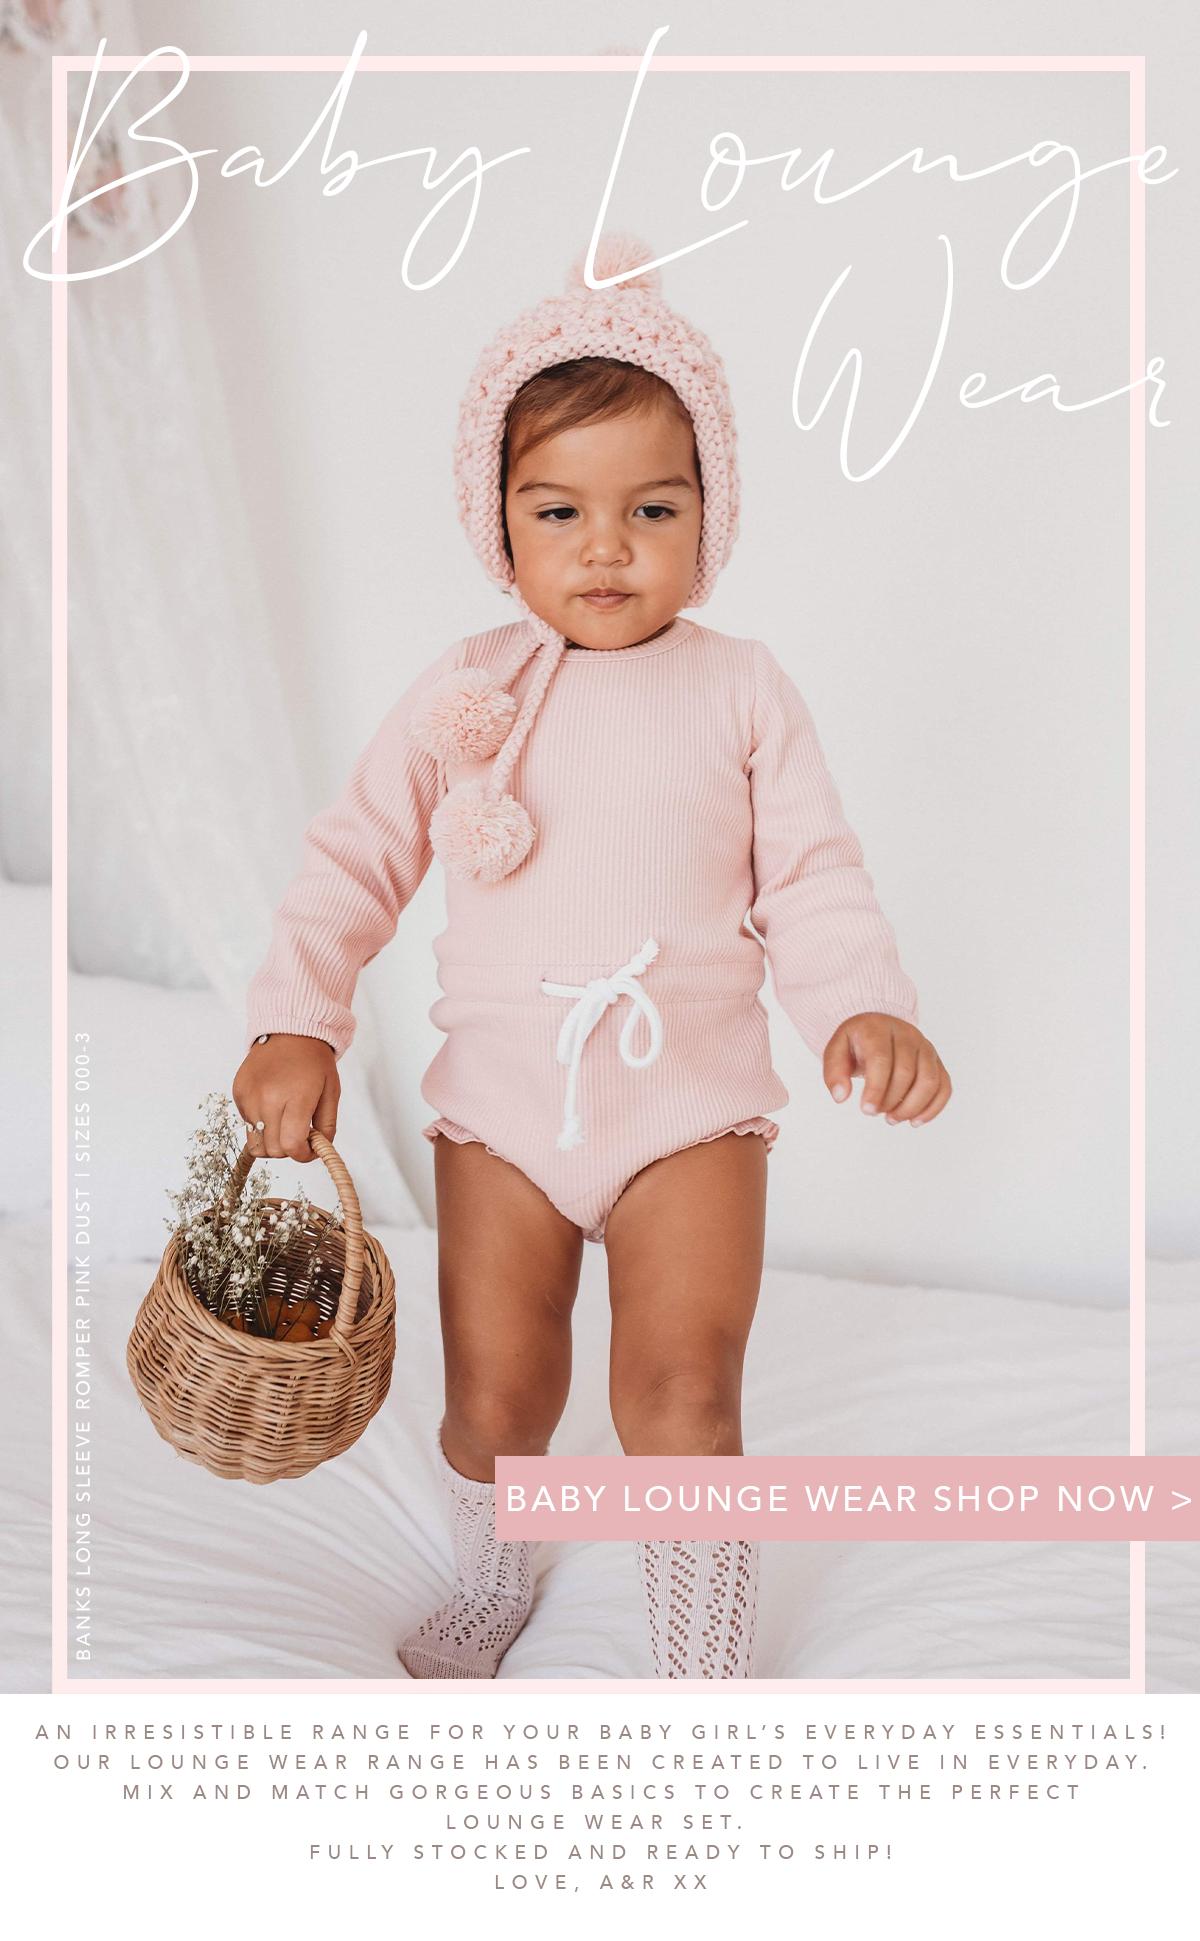 Baby Lounge Wear